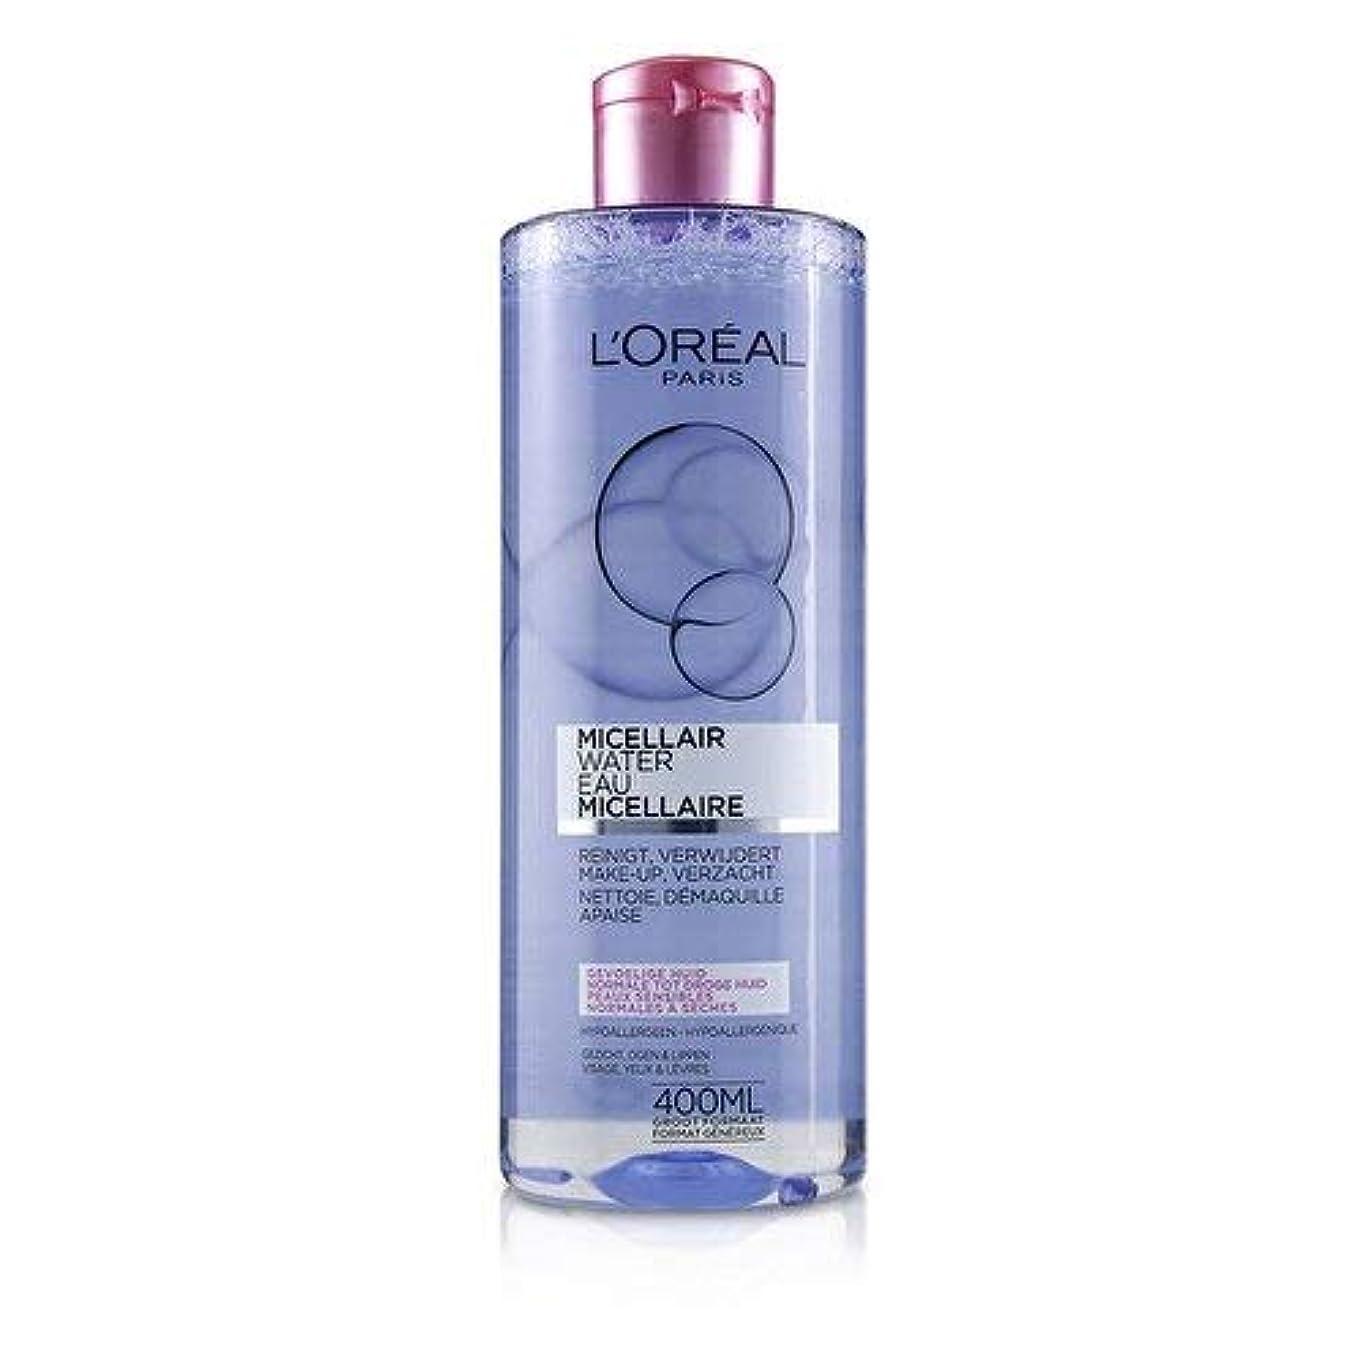 負担石灰岩検証ロレアル Micellar Water - Normal to Dry Skin & Even Sensitive Skin 400ml/13.3oz並行輸入品